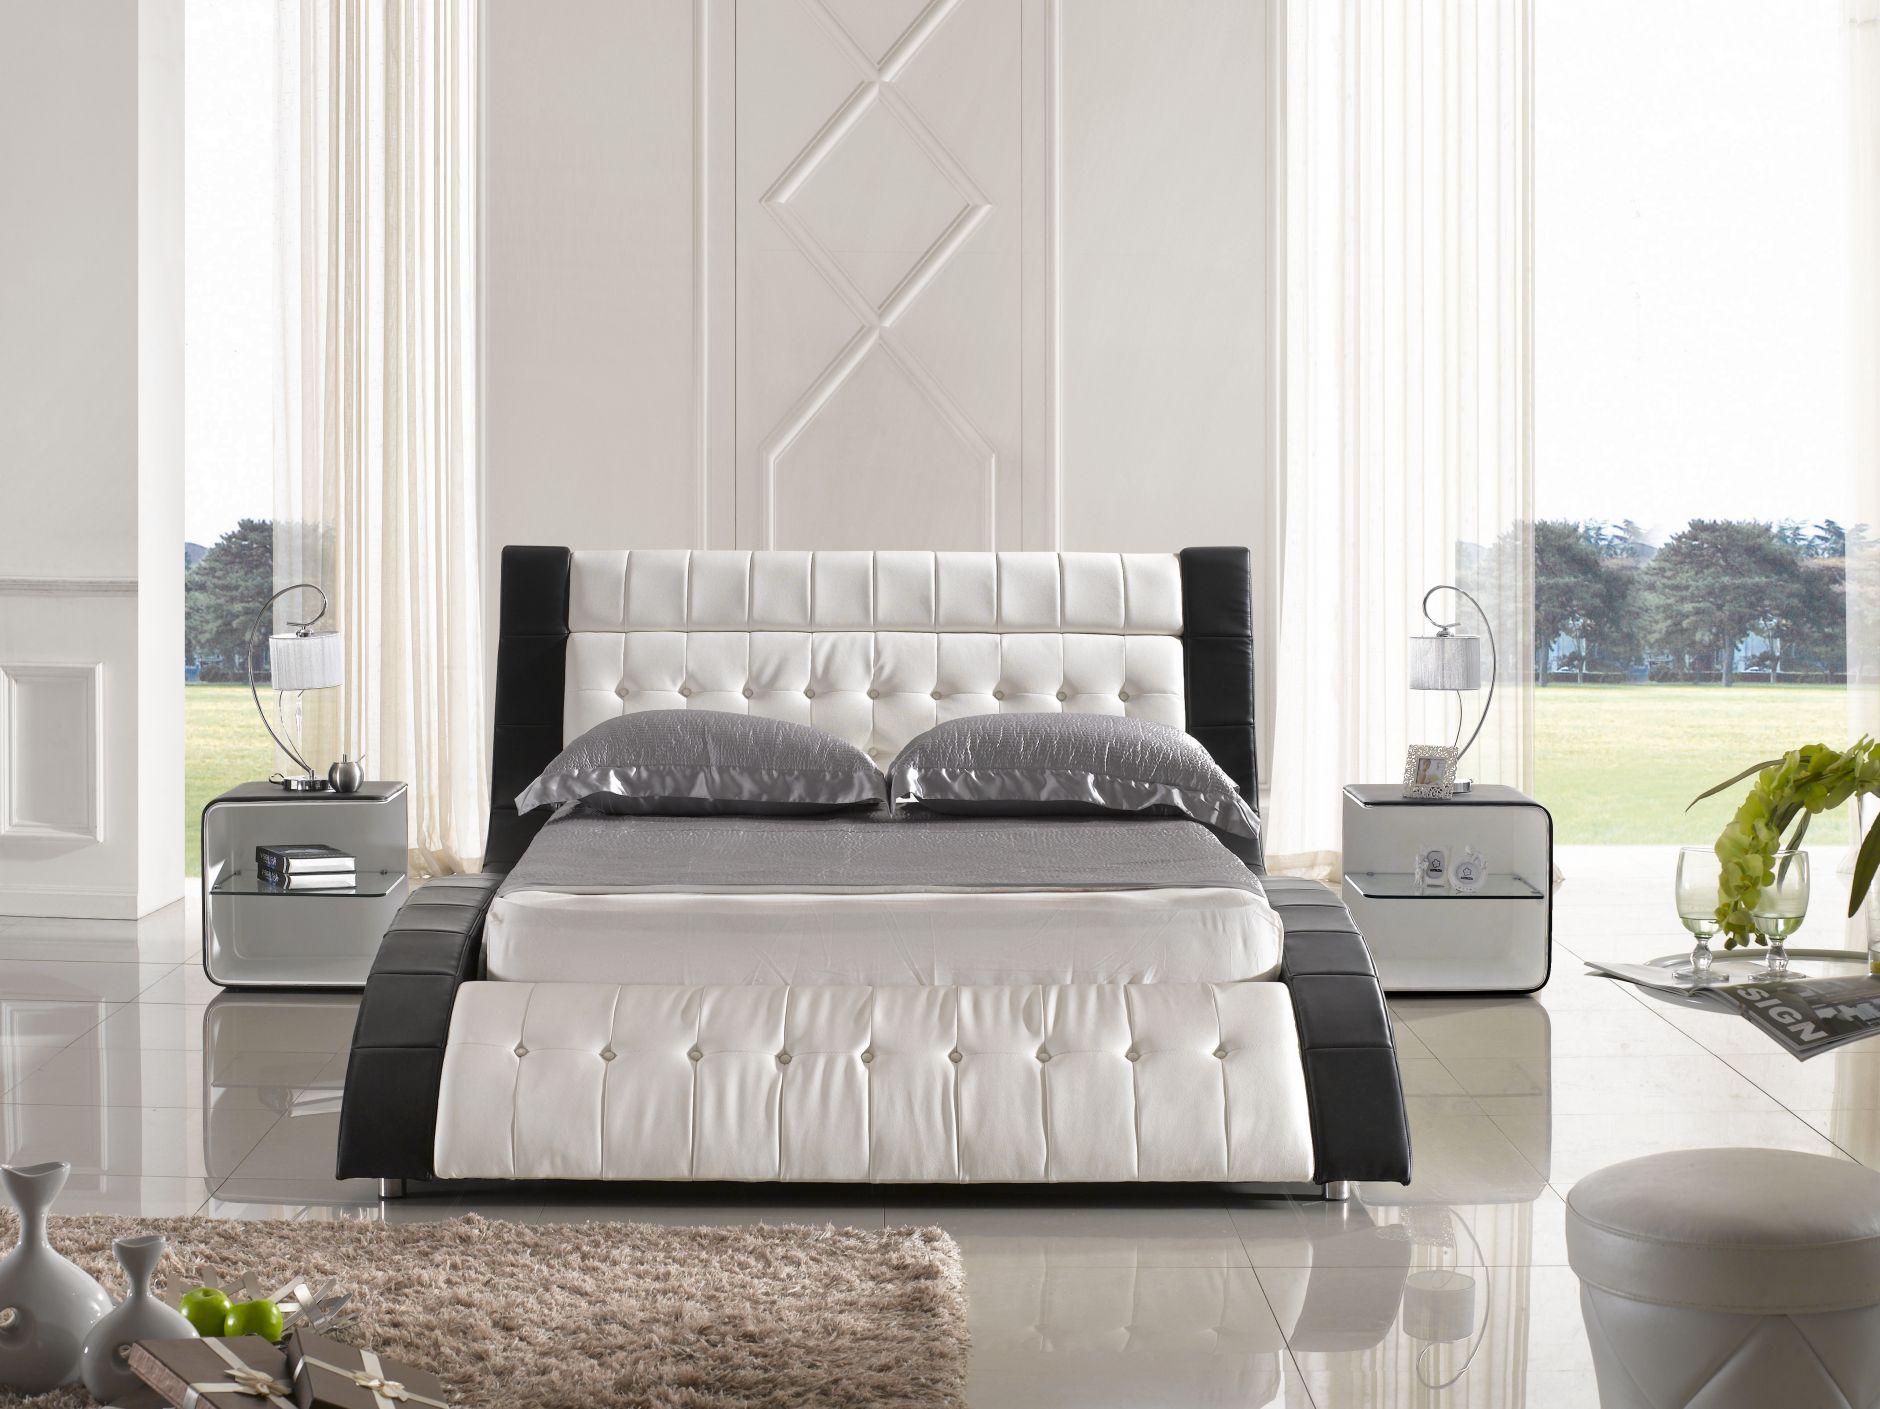 Chambre coucher en cuir chambre coucher de cuir for Chambre adulte complete turc